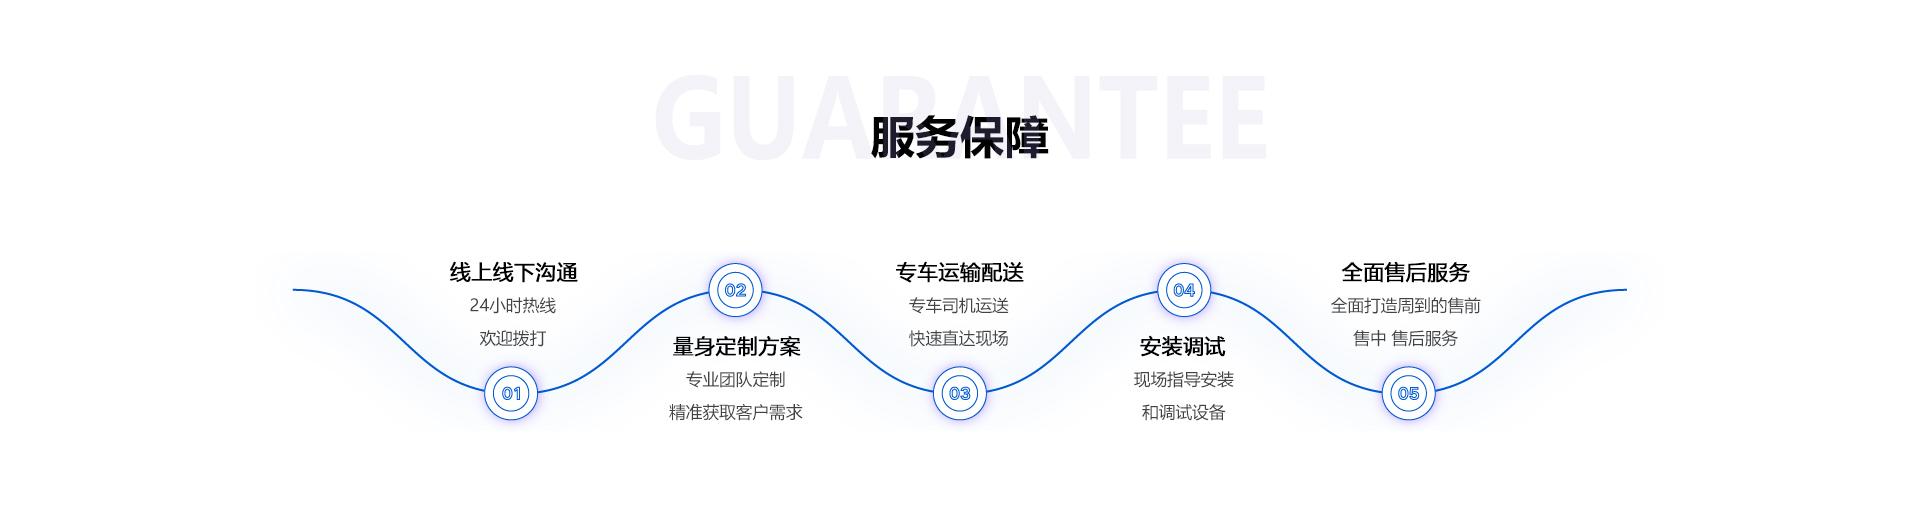 品厚服务流程图